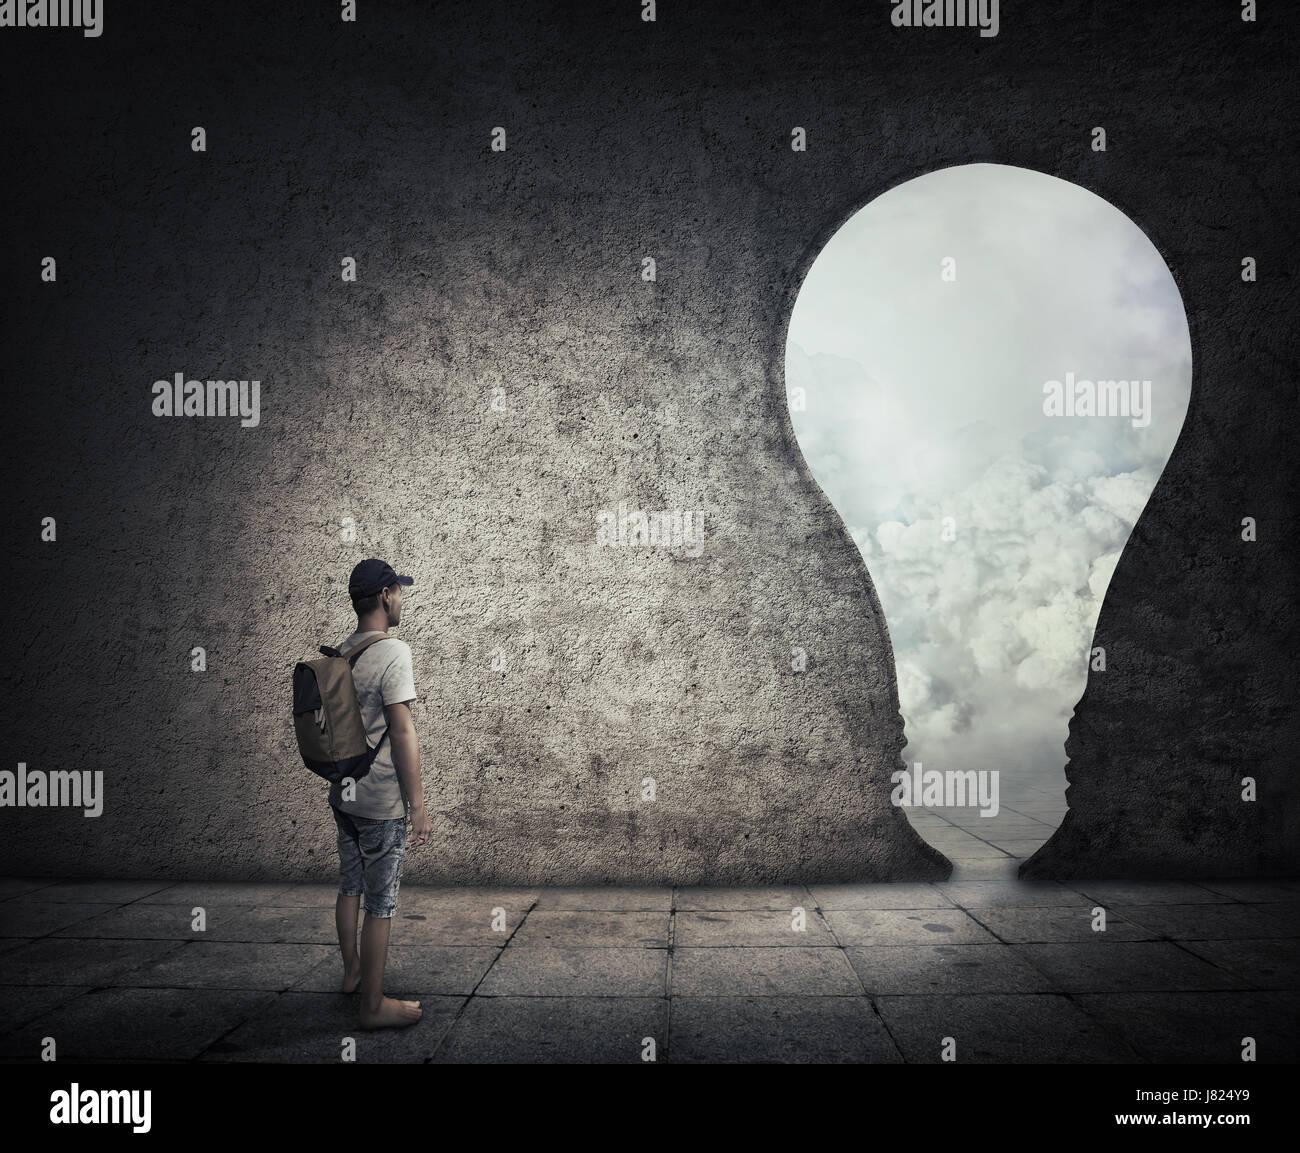 Immagine concettuale di una persona in piedi in una stanza buia, davanti a una a forma di bulbo porta. Opportunità Immagini Stock